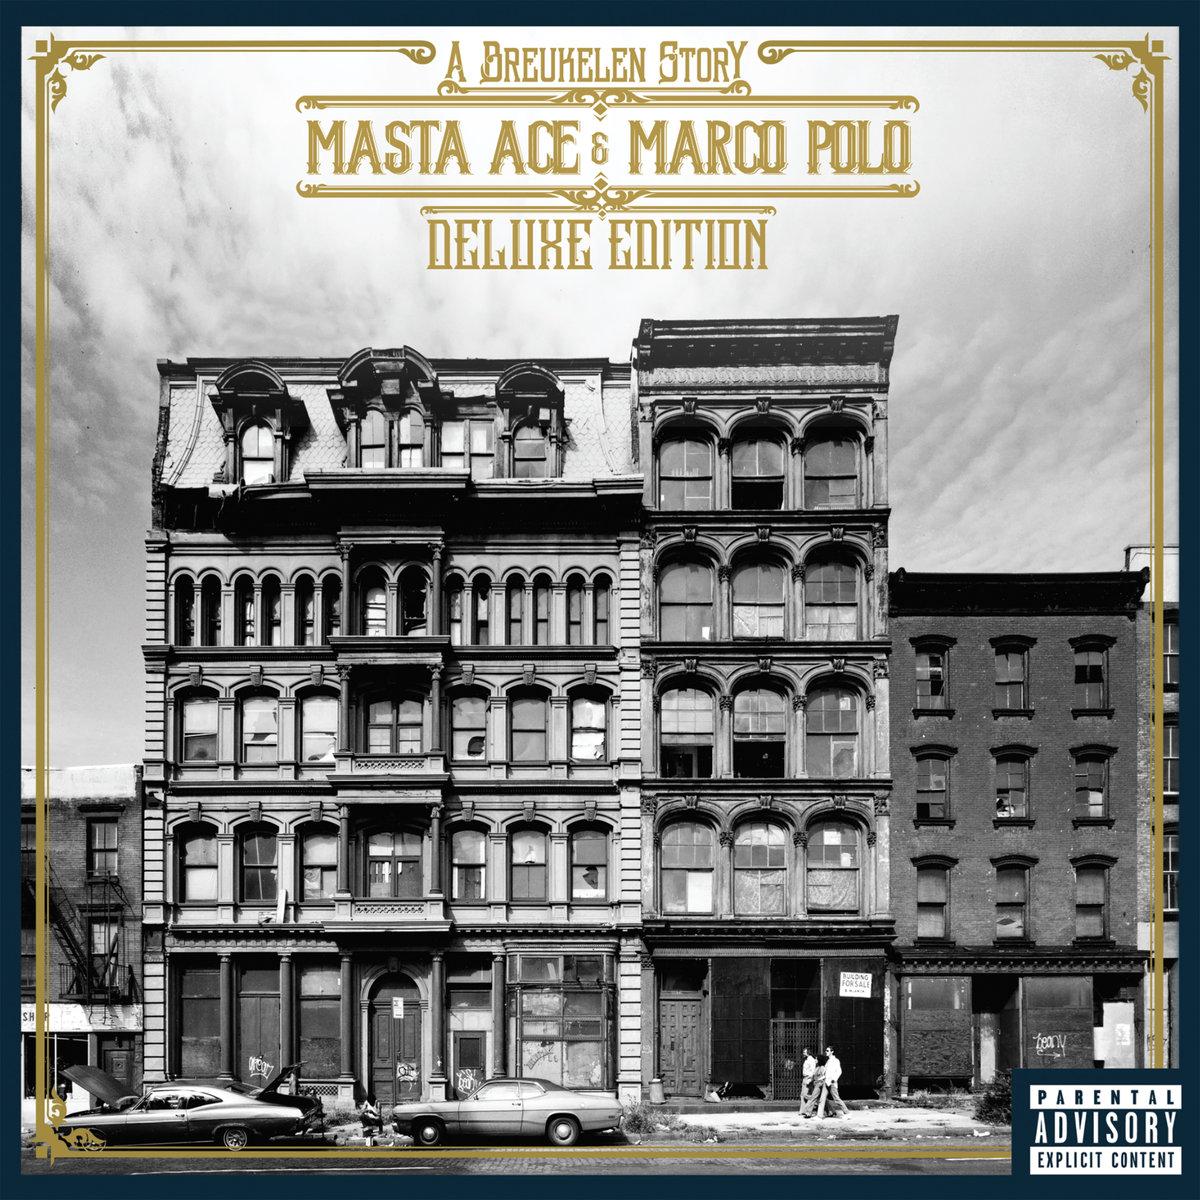 Masta Ace & Marco Polo — «A Breukelen Story» (Deluxe Edition)